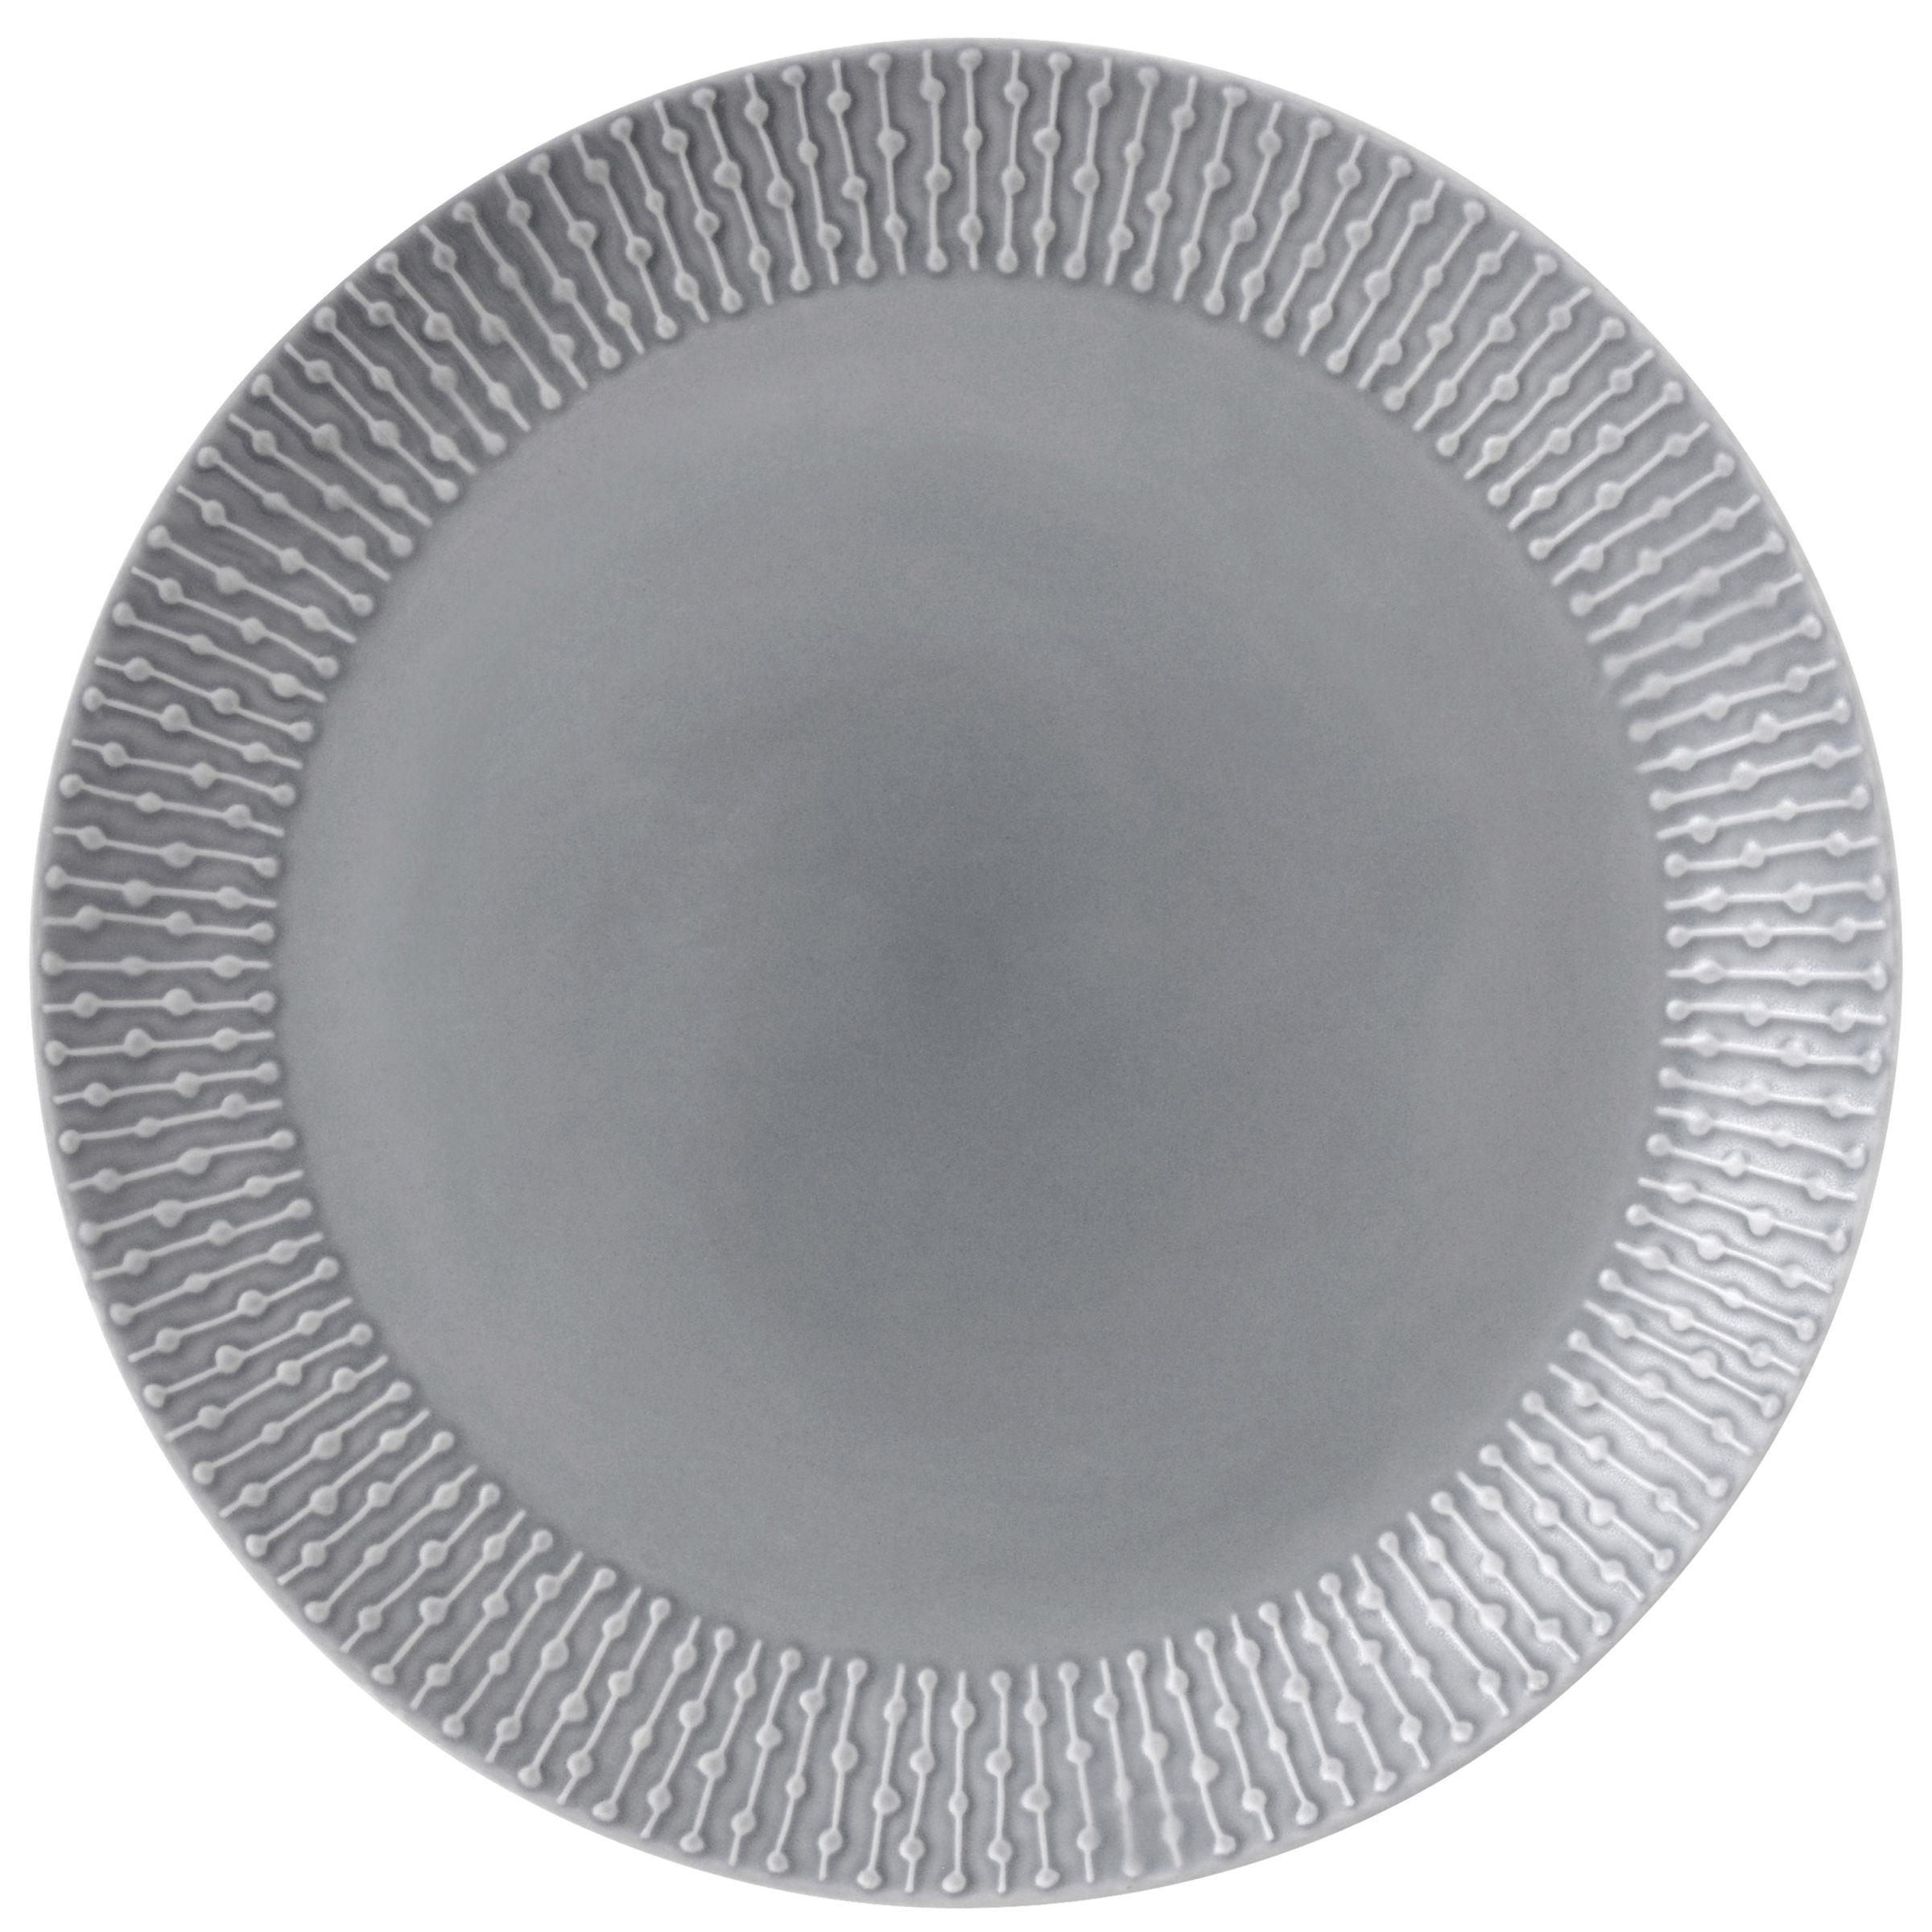 Royal Doulton HemingwayDesign for Royal Doulton 28.5cm Dinner Plate